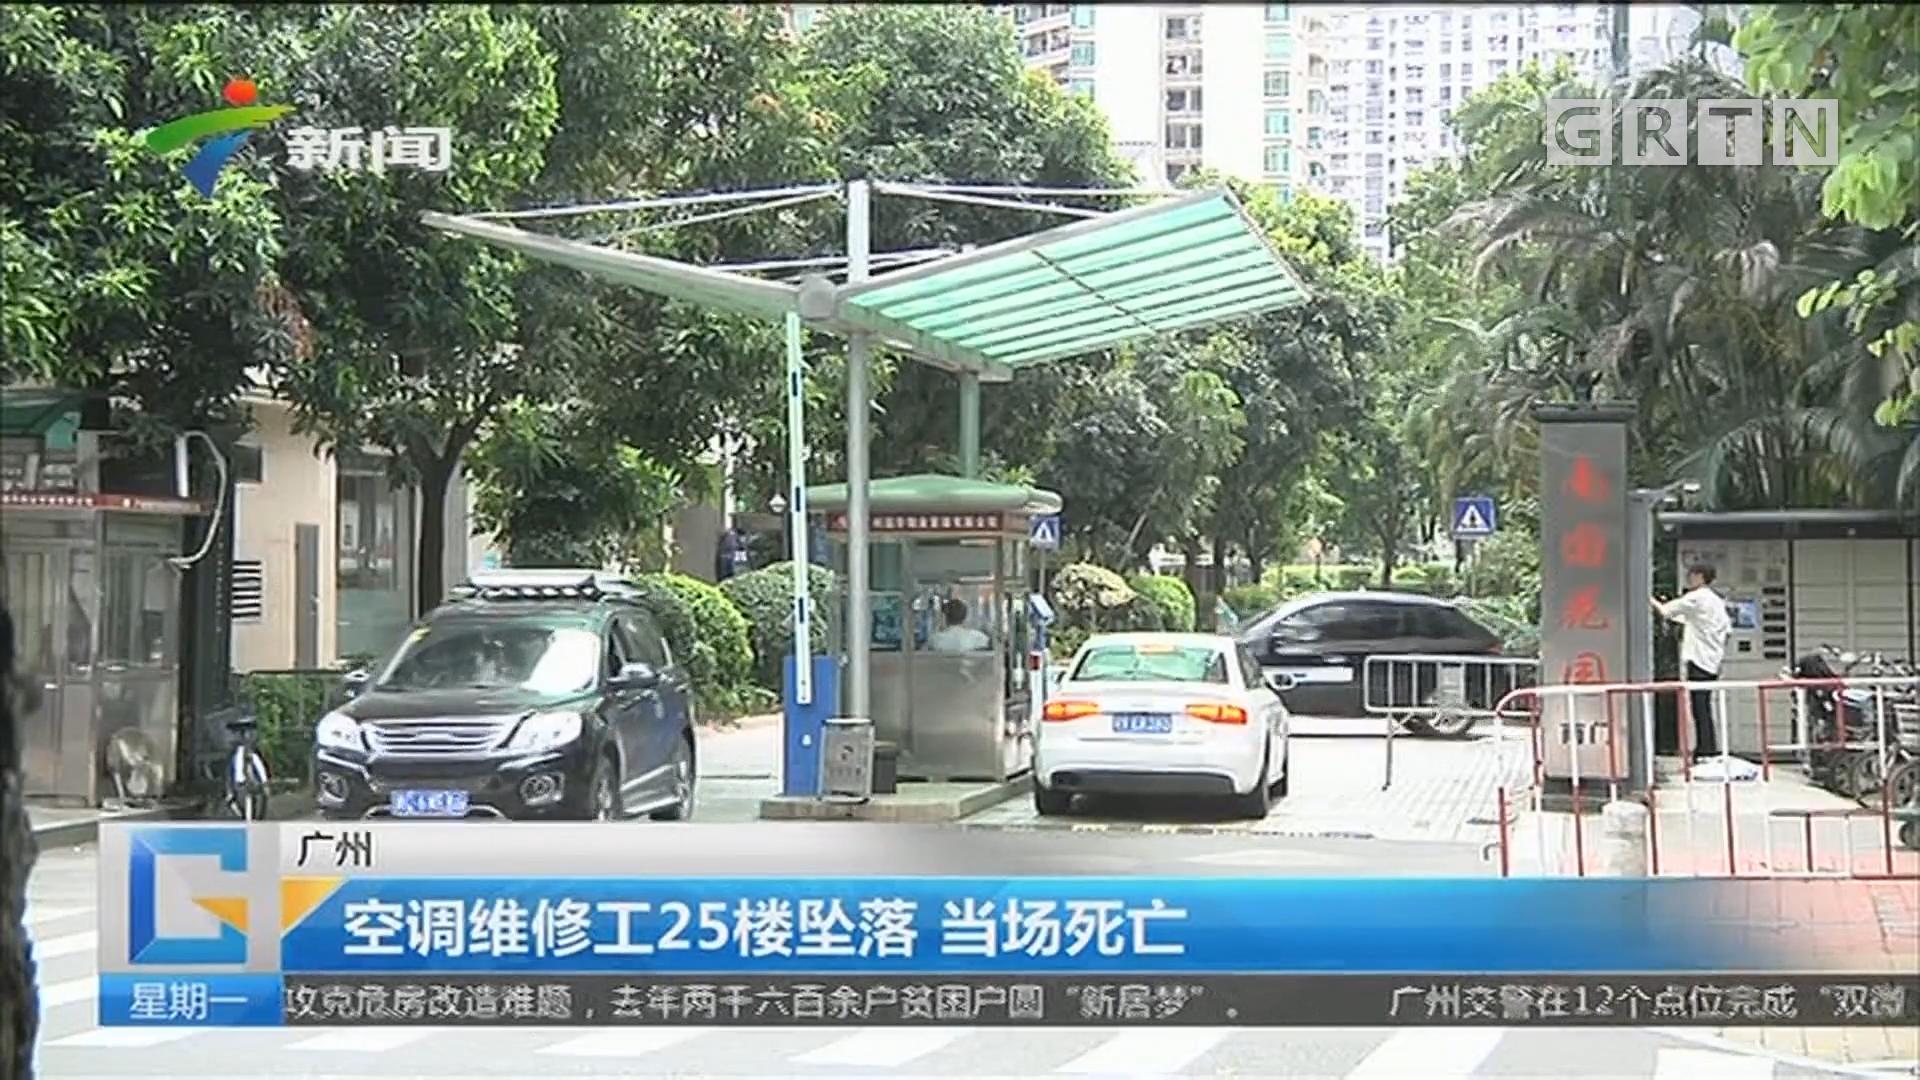 广州:空调维修工25楼坠落 当场死亡